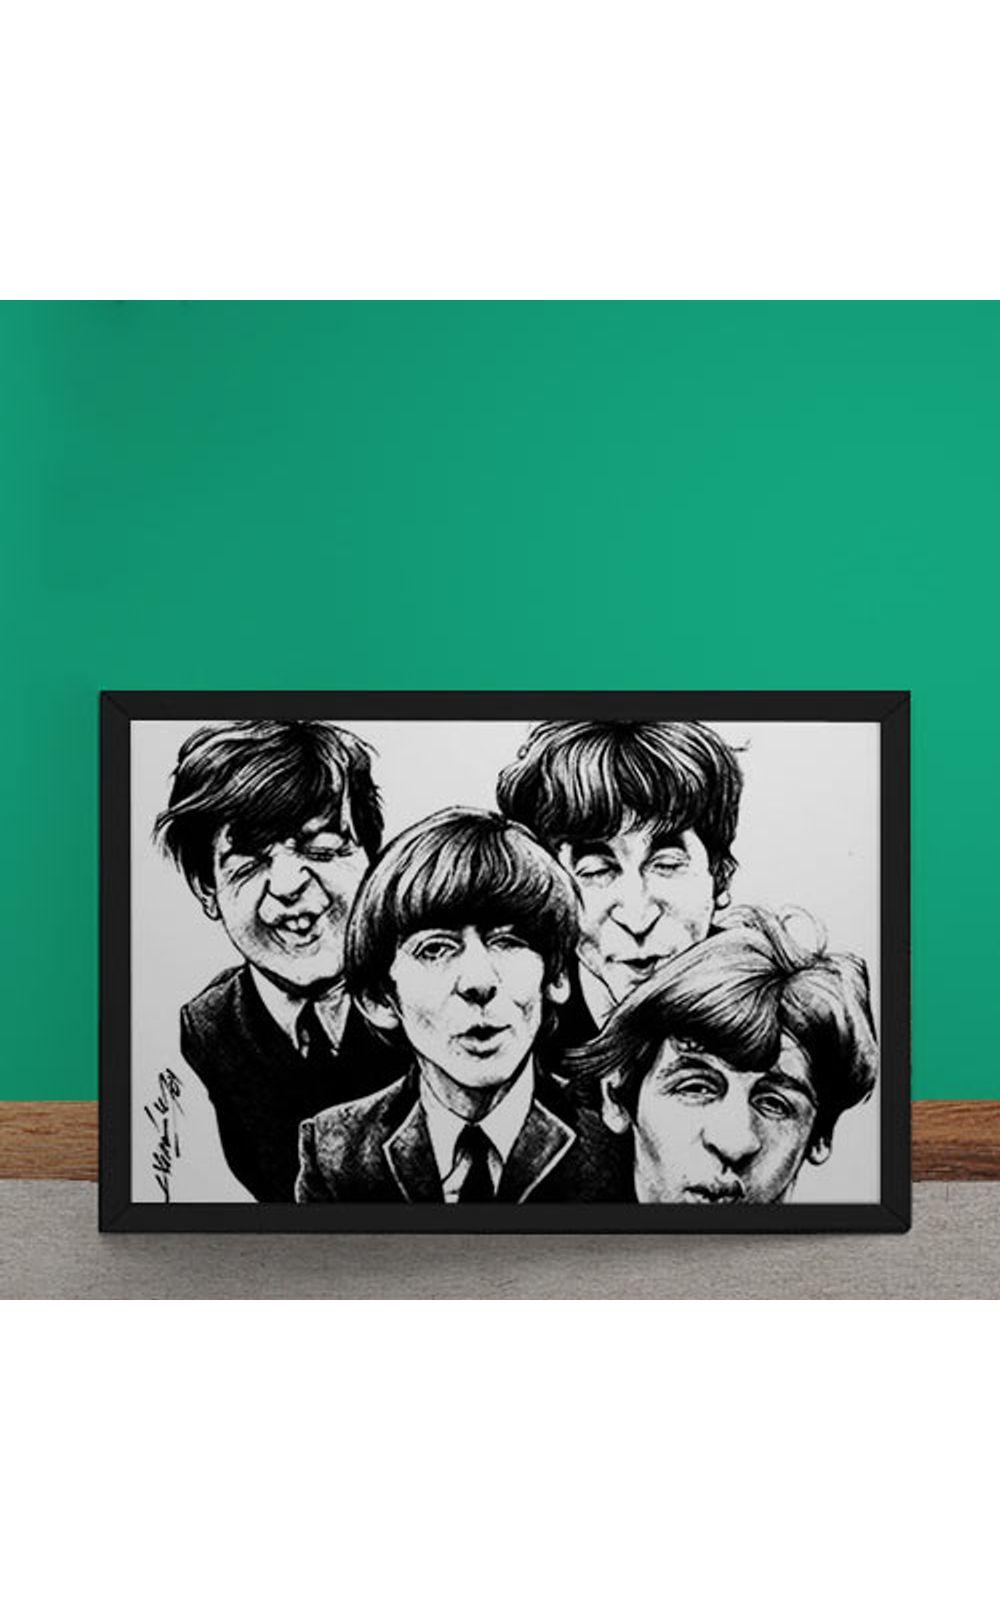 Foto 2 - Quadro Decorativo Beatles Caricatura